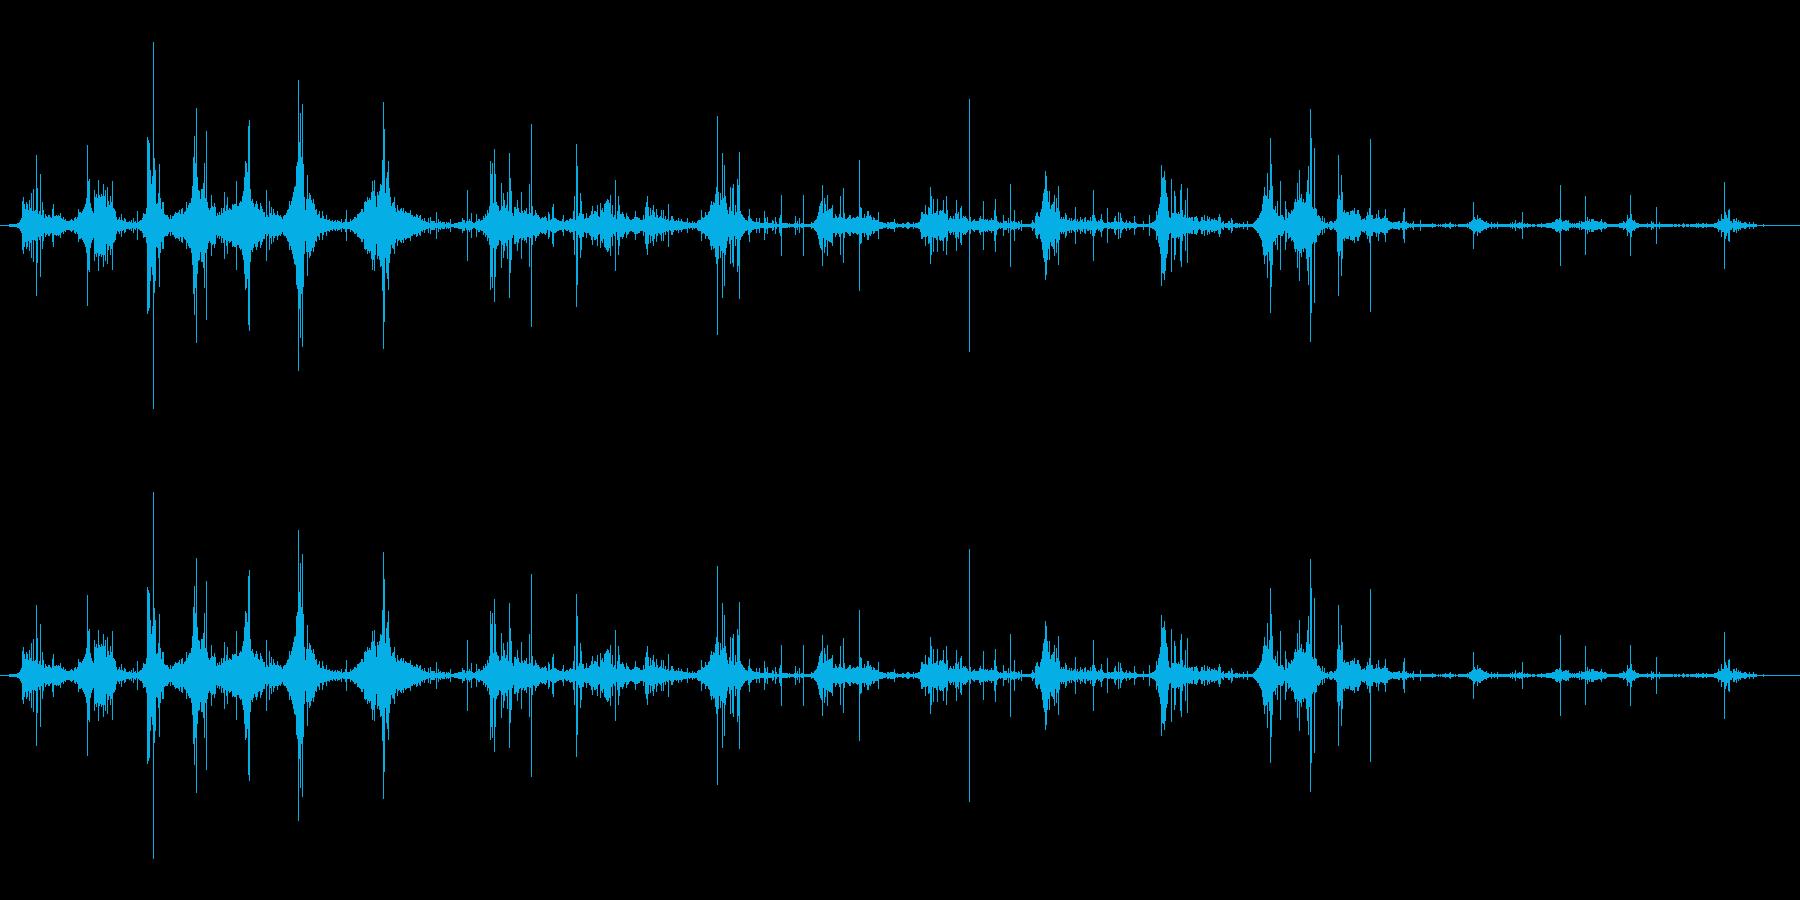 ジョグアンドウォークインダートの再生済みの波形